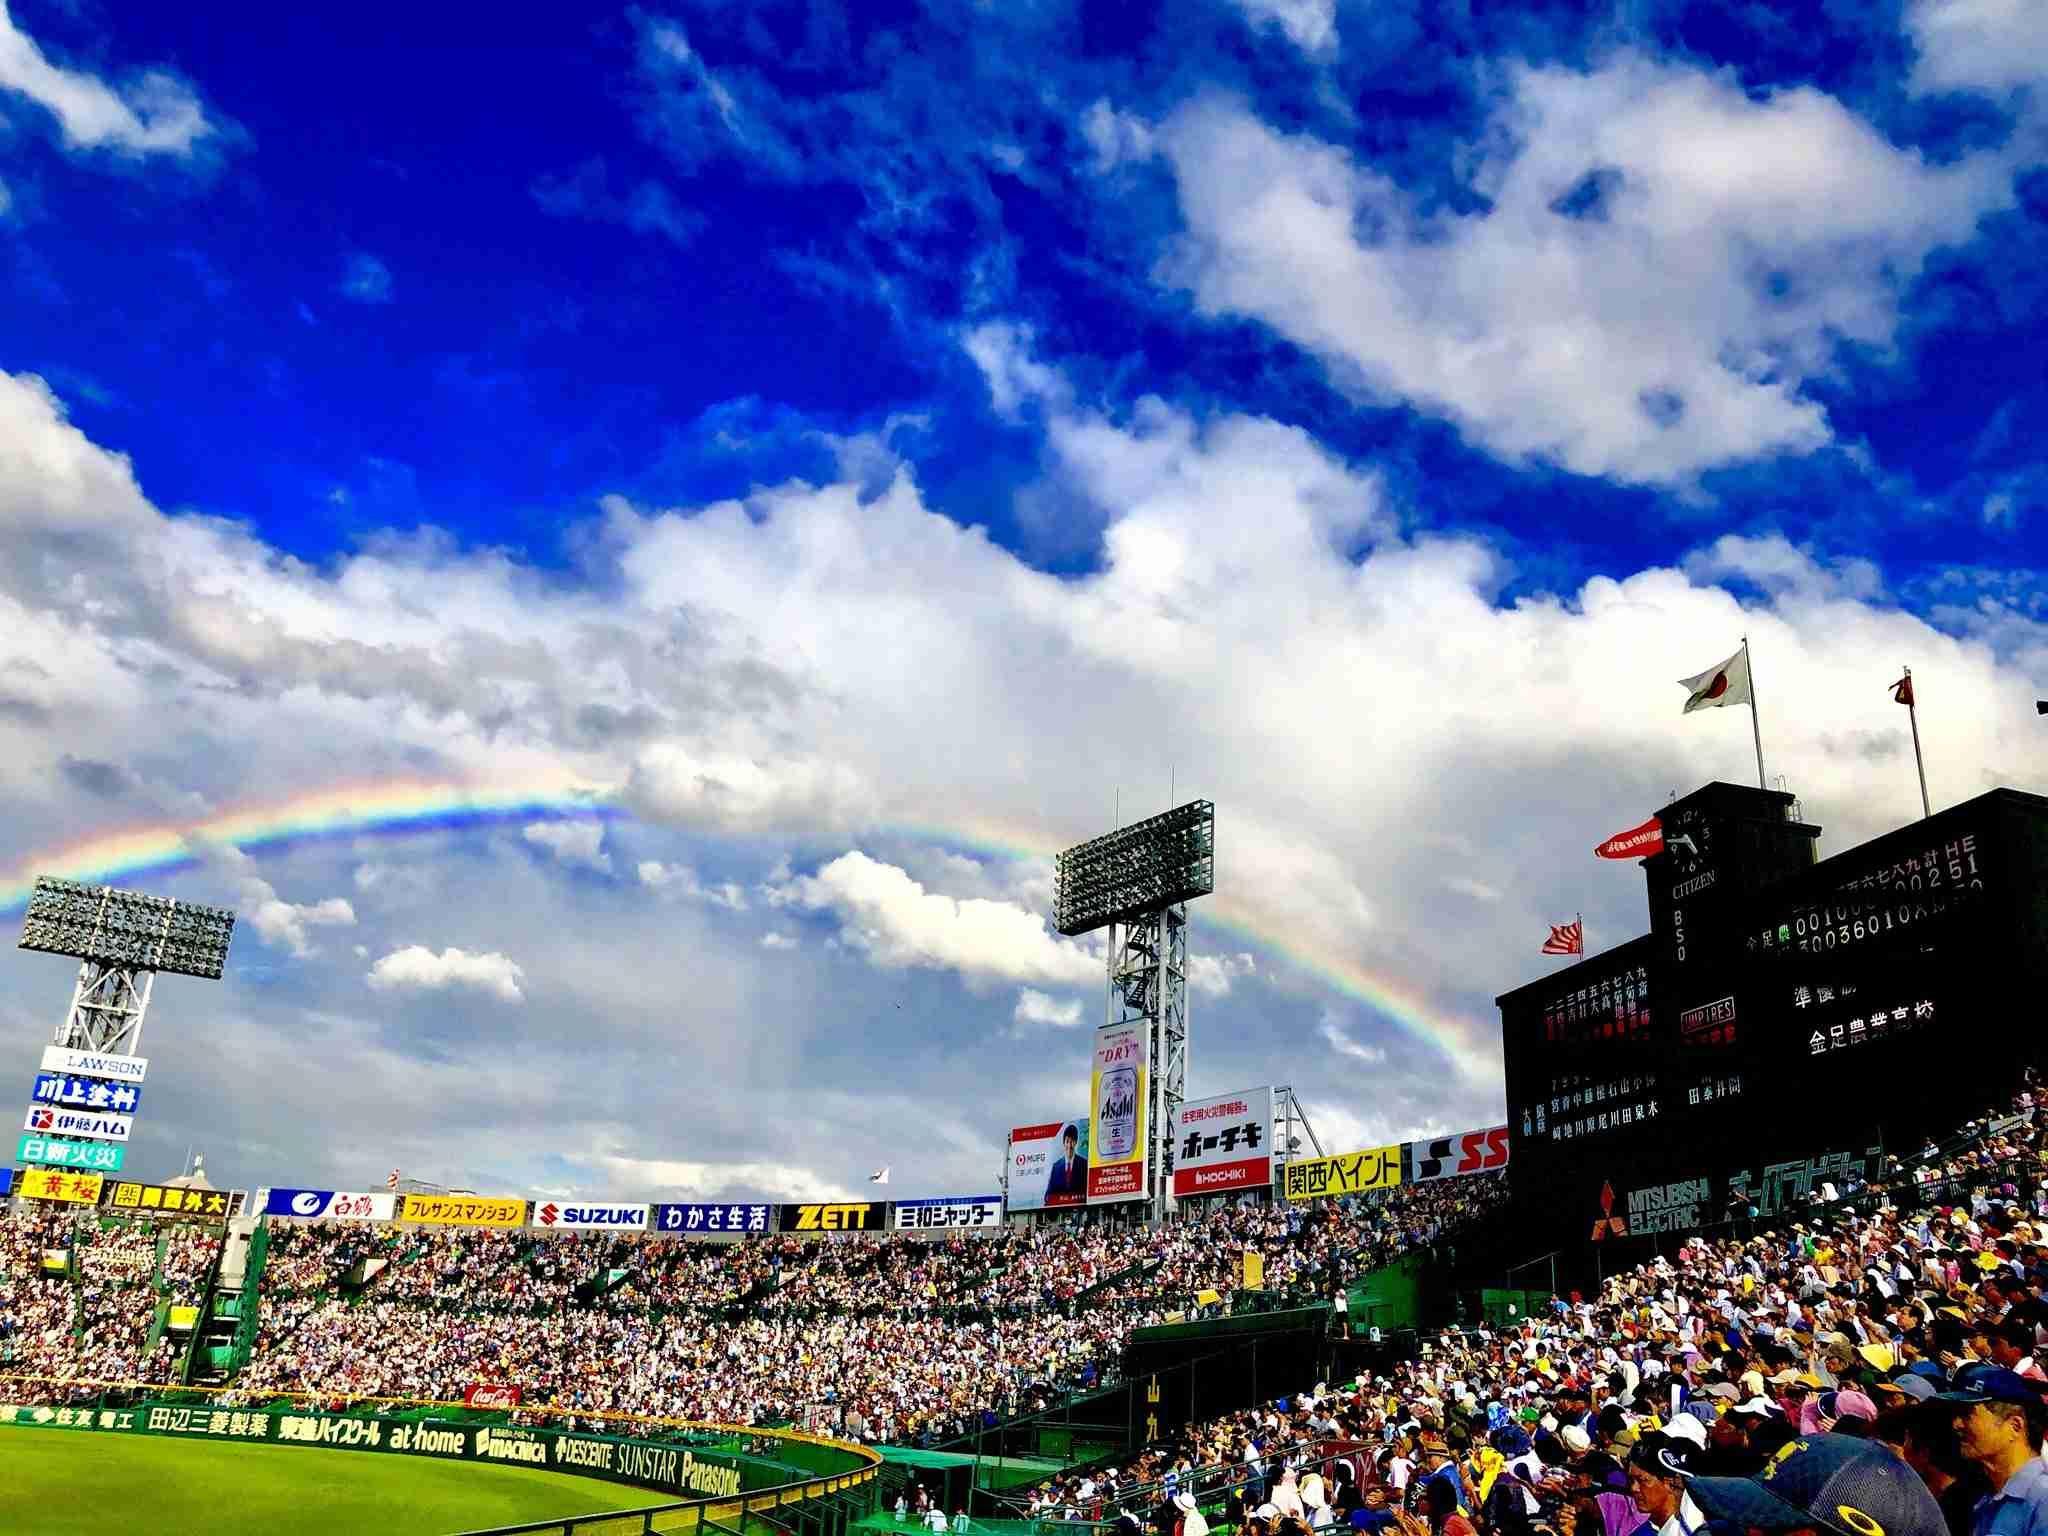 甲子園 奇跡的なタイミングで現れた虹に感動の声 金足農 吉田輝星の